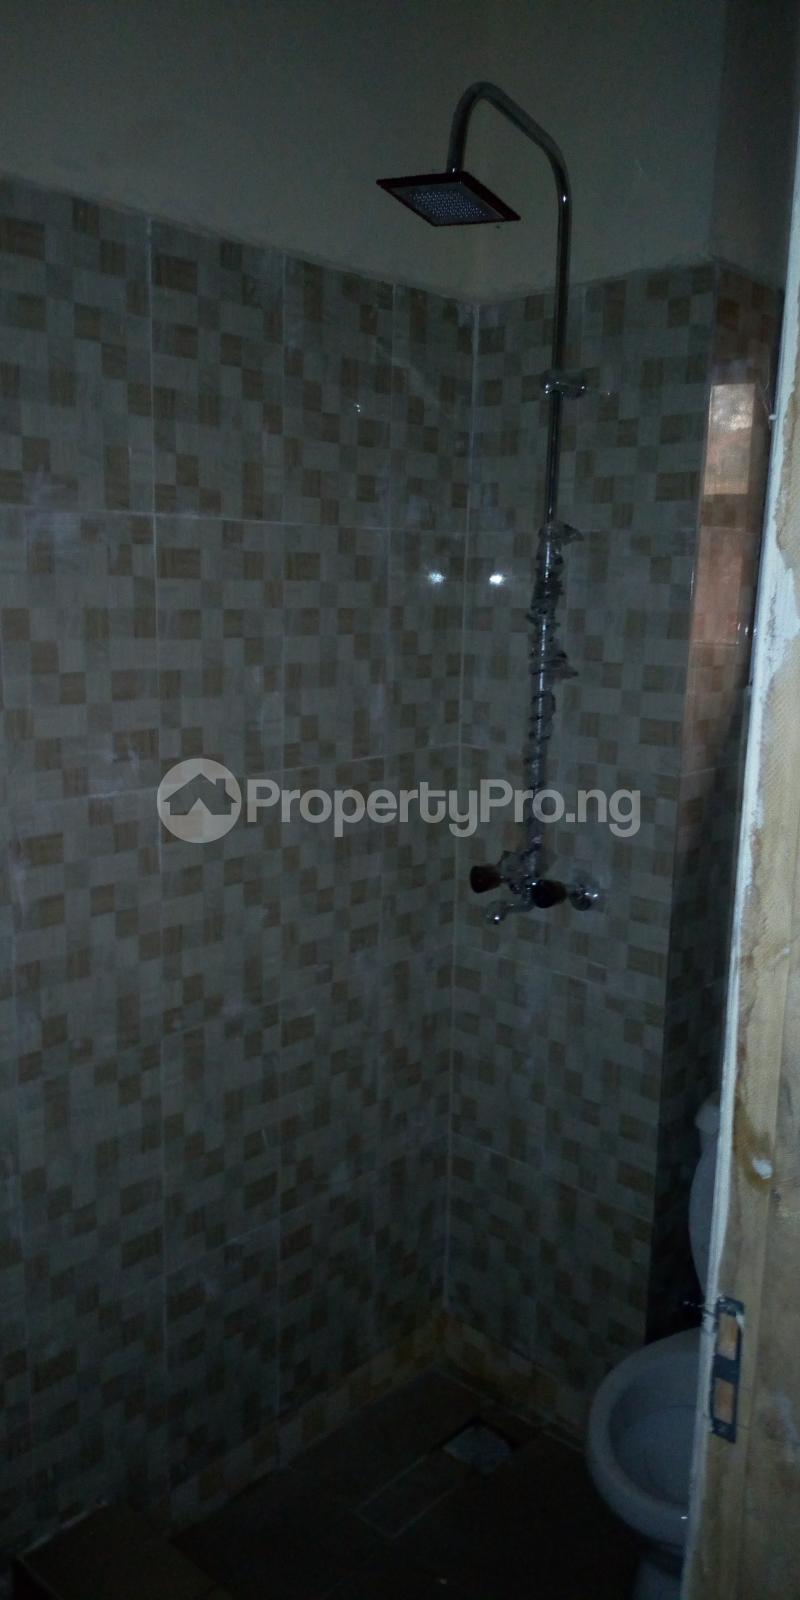 2 bedroom Flat / Apartment for rent Asari Eso, Calabar Calabar Cross River - 9